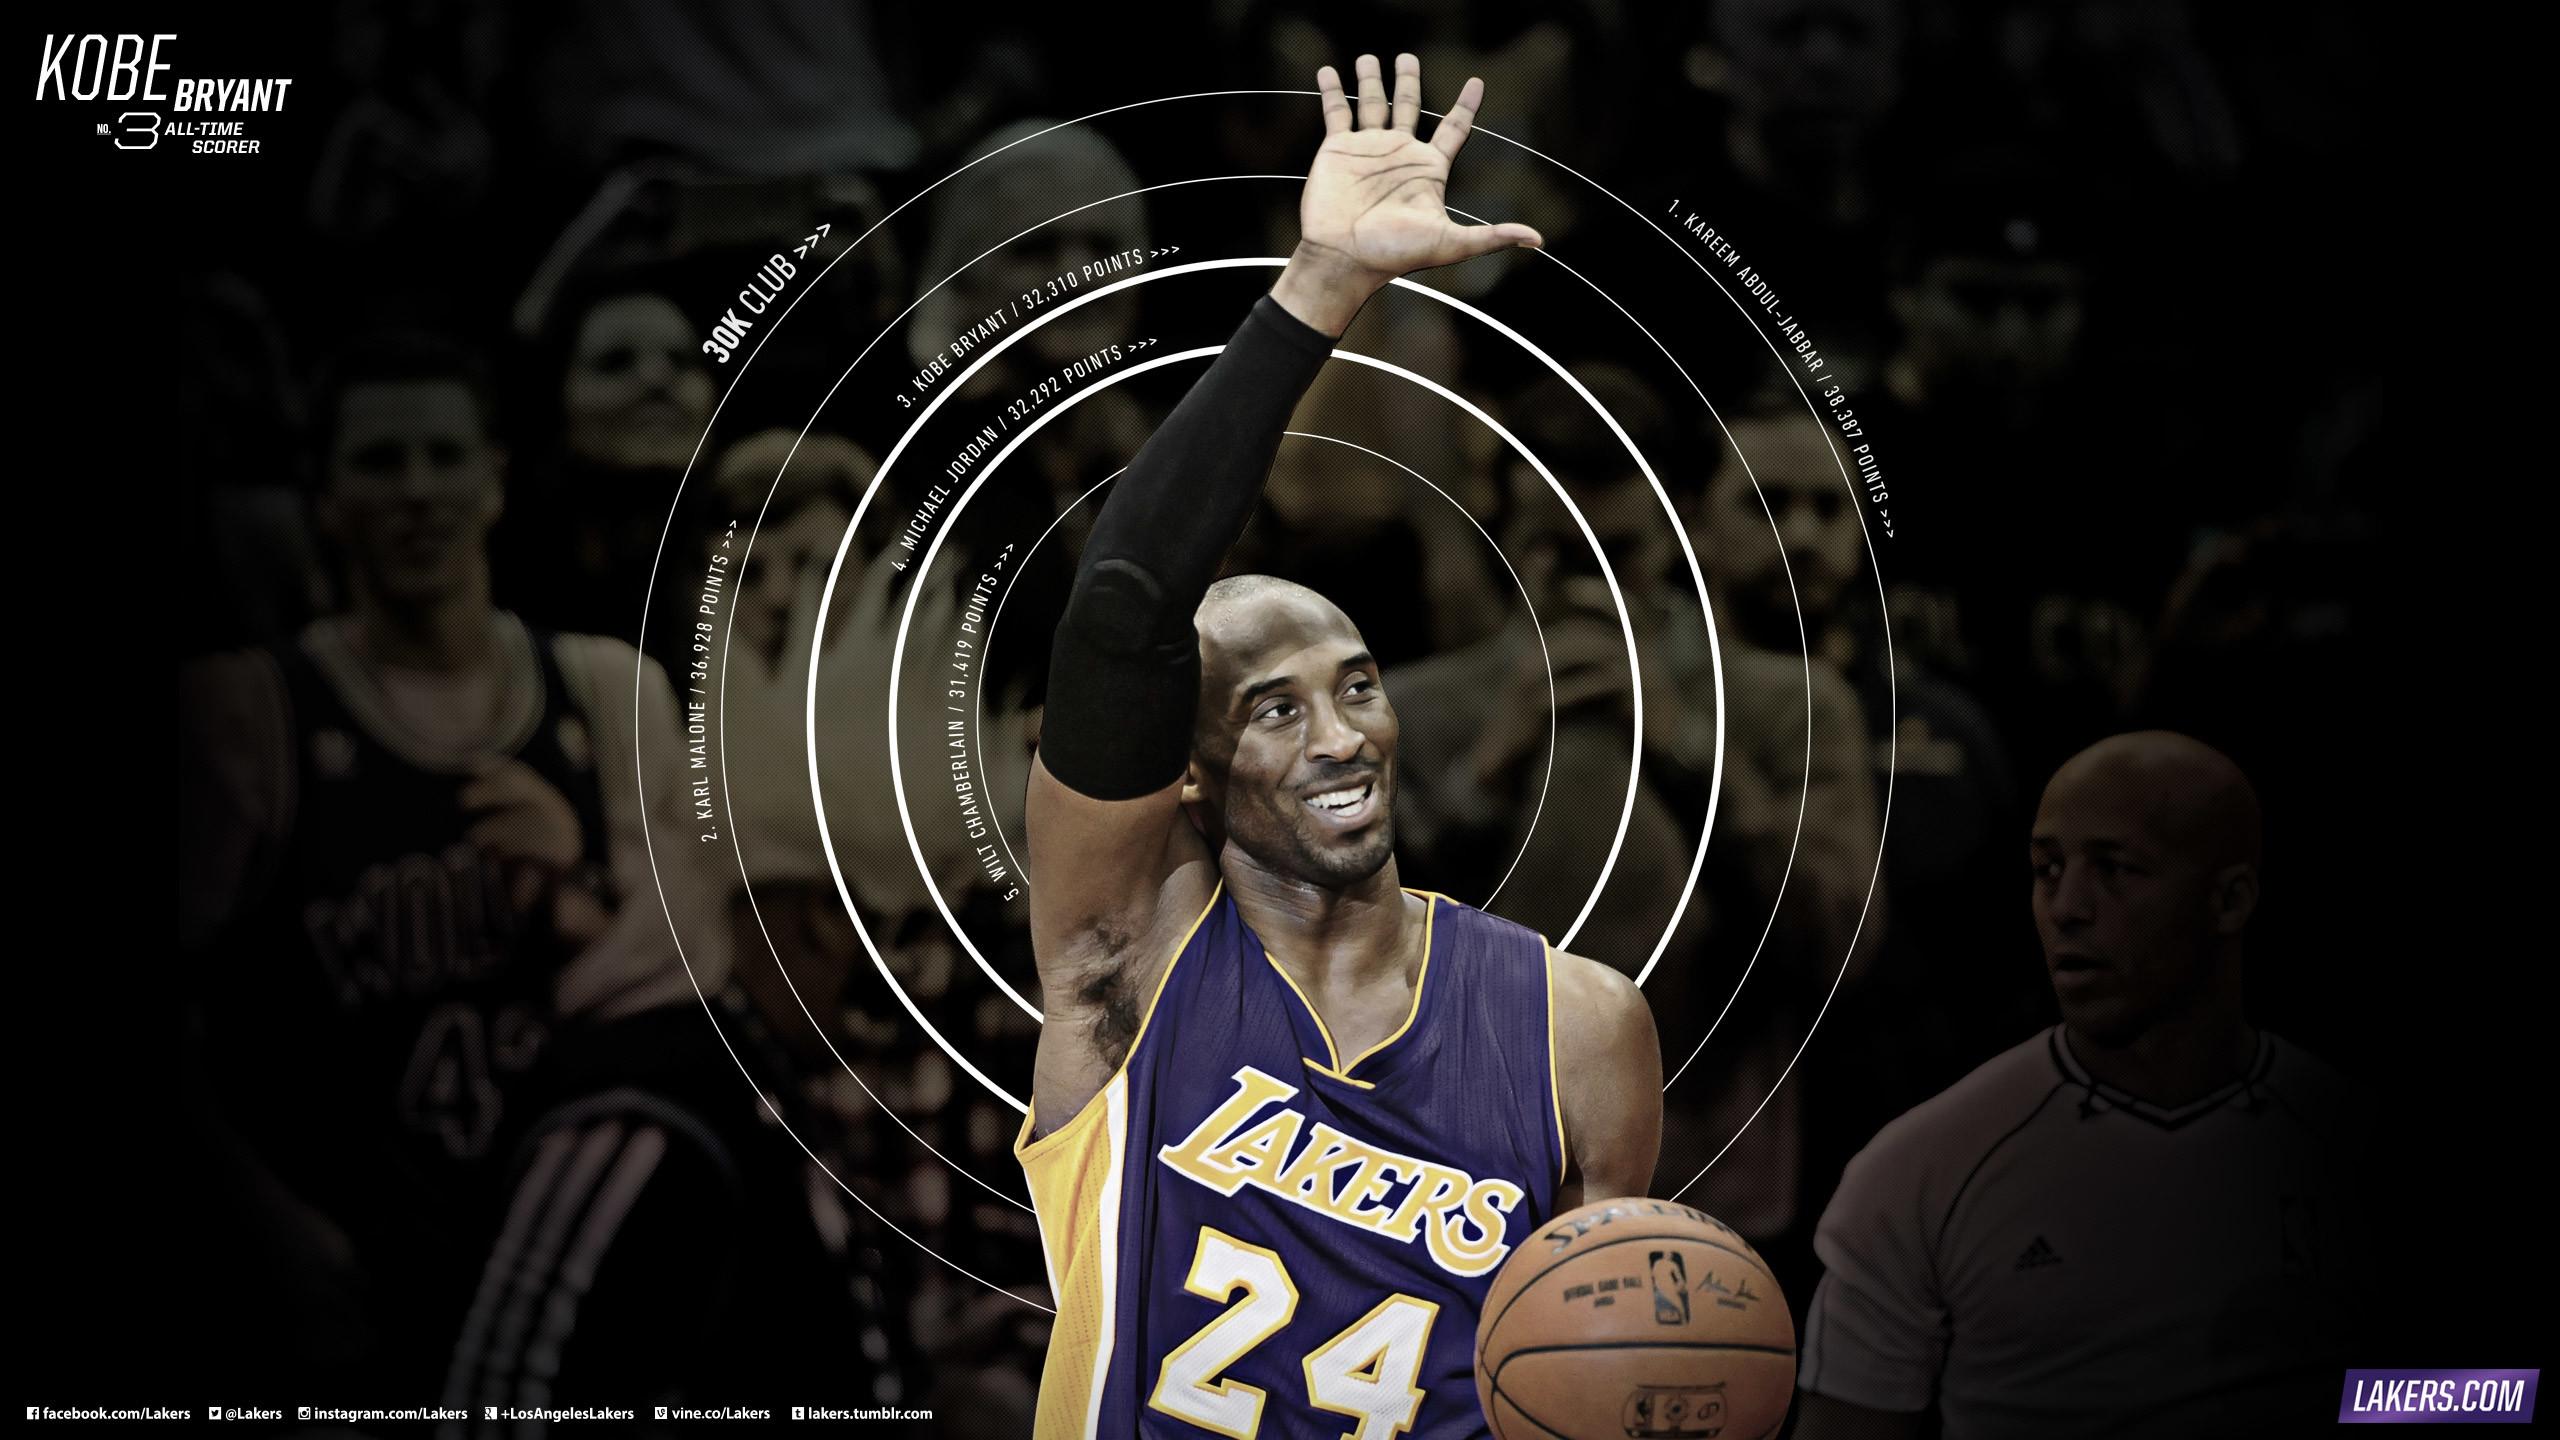 Kobe Passes Michael Jordan. Kobe Bryant Passes Michael Jordan